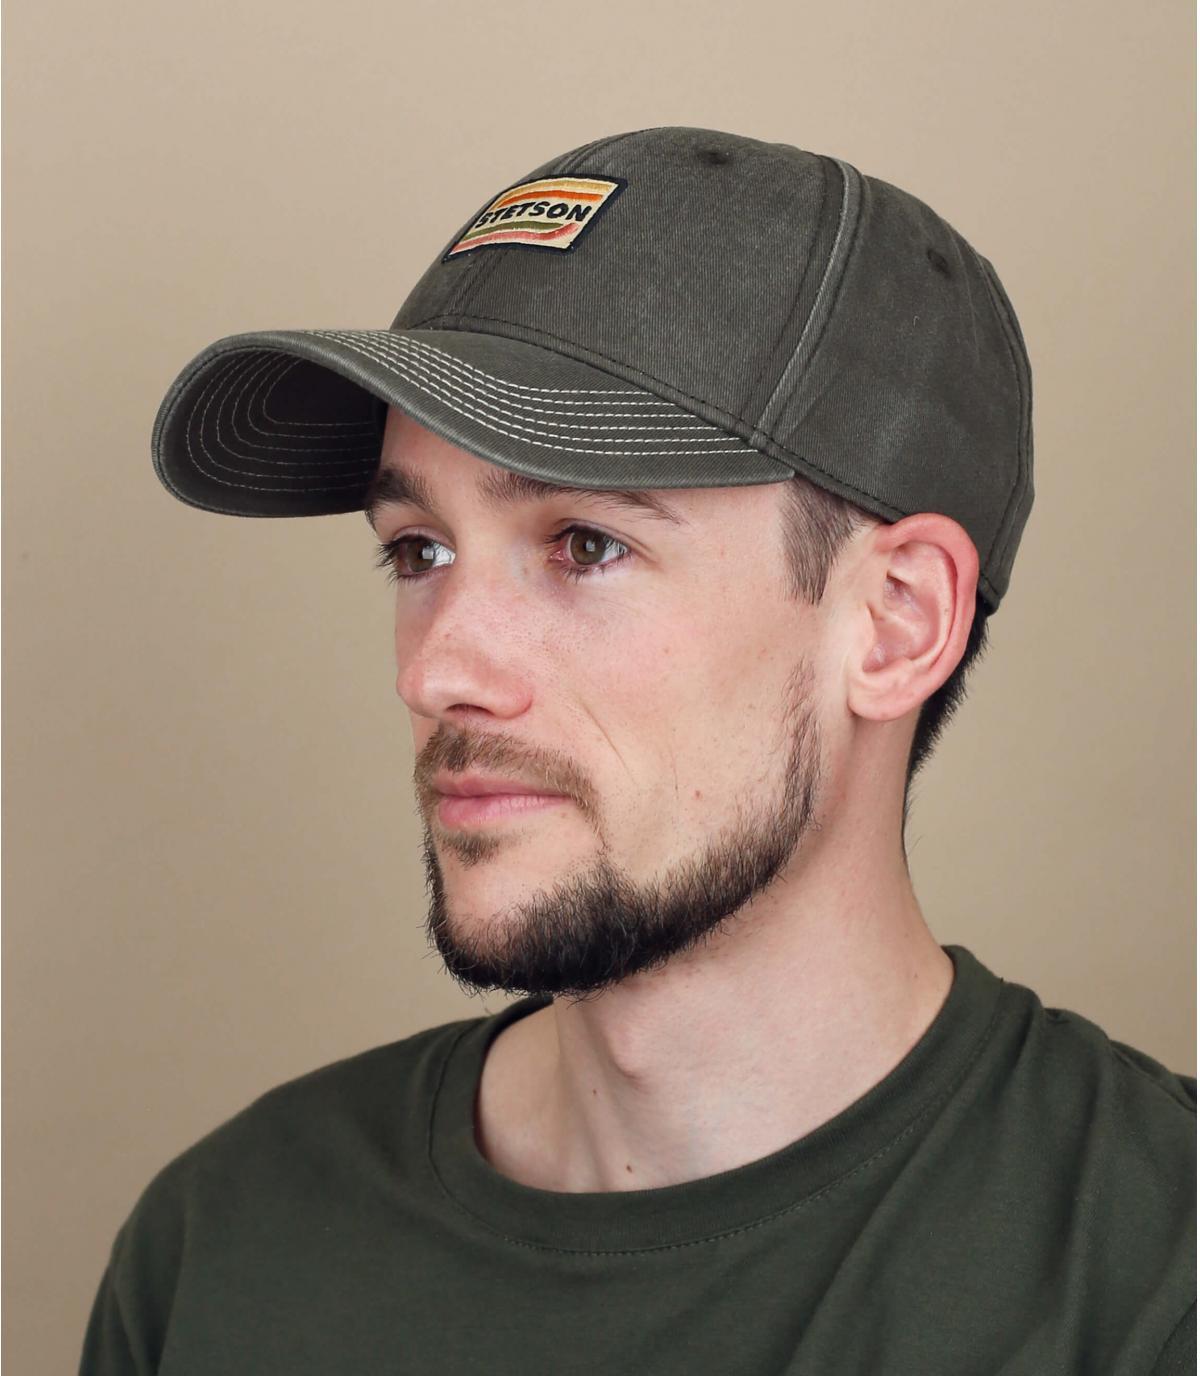 cappellino Stetson grigio